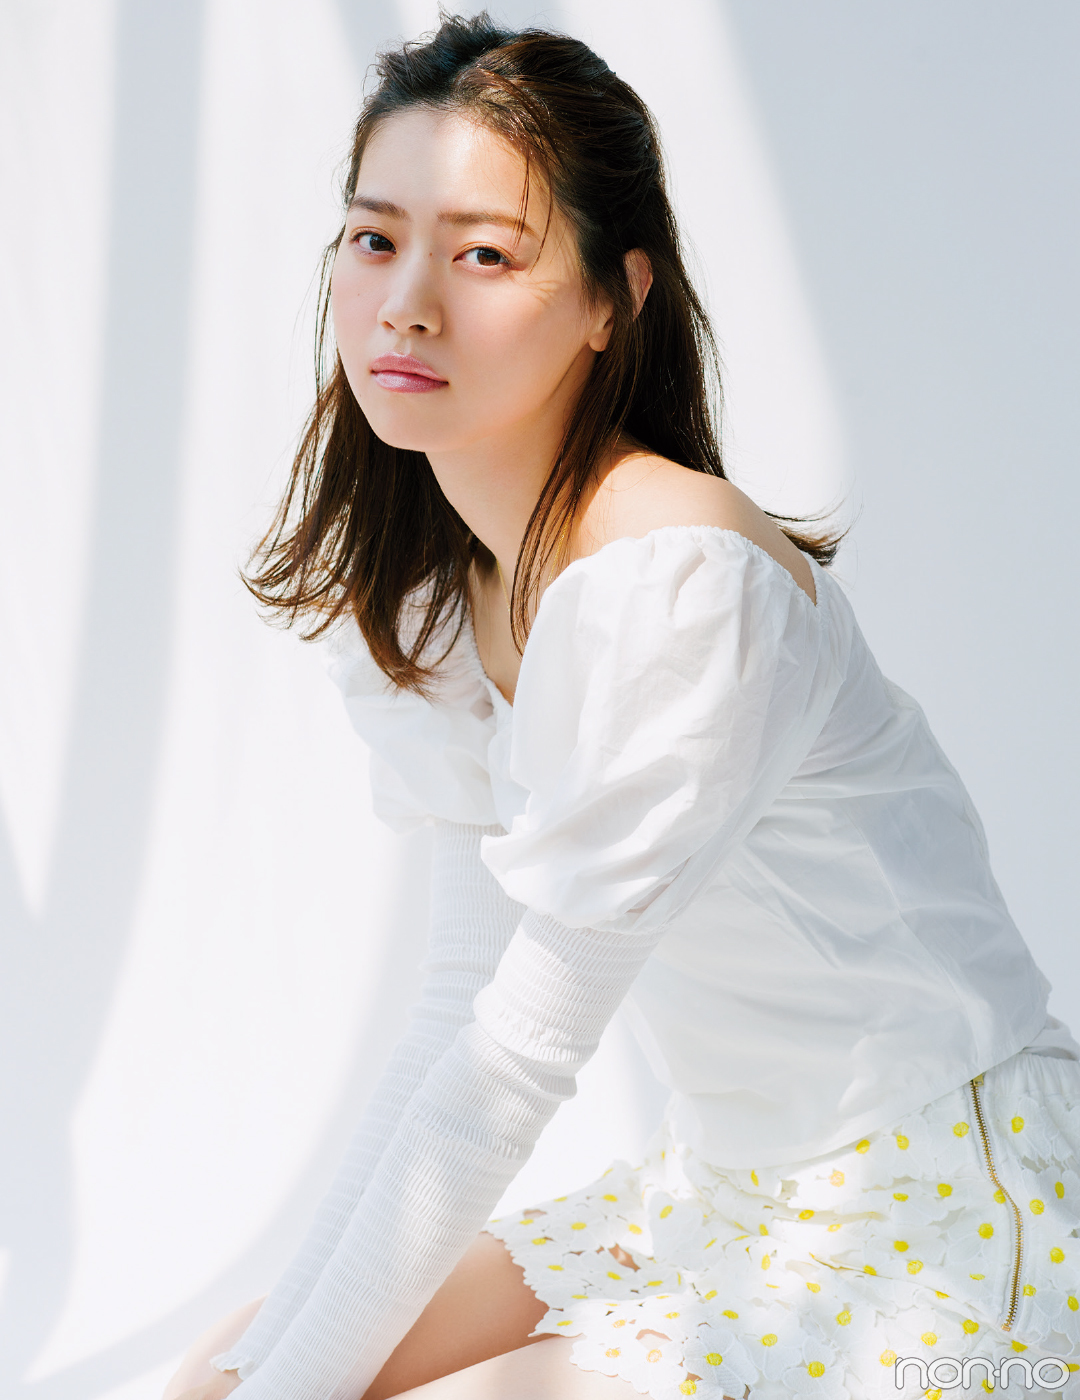 西野七瀬の-2℃メイク♡ ヌーディなベージュリップで透明感ましまし!_1_2